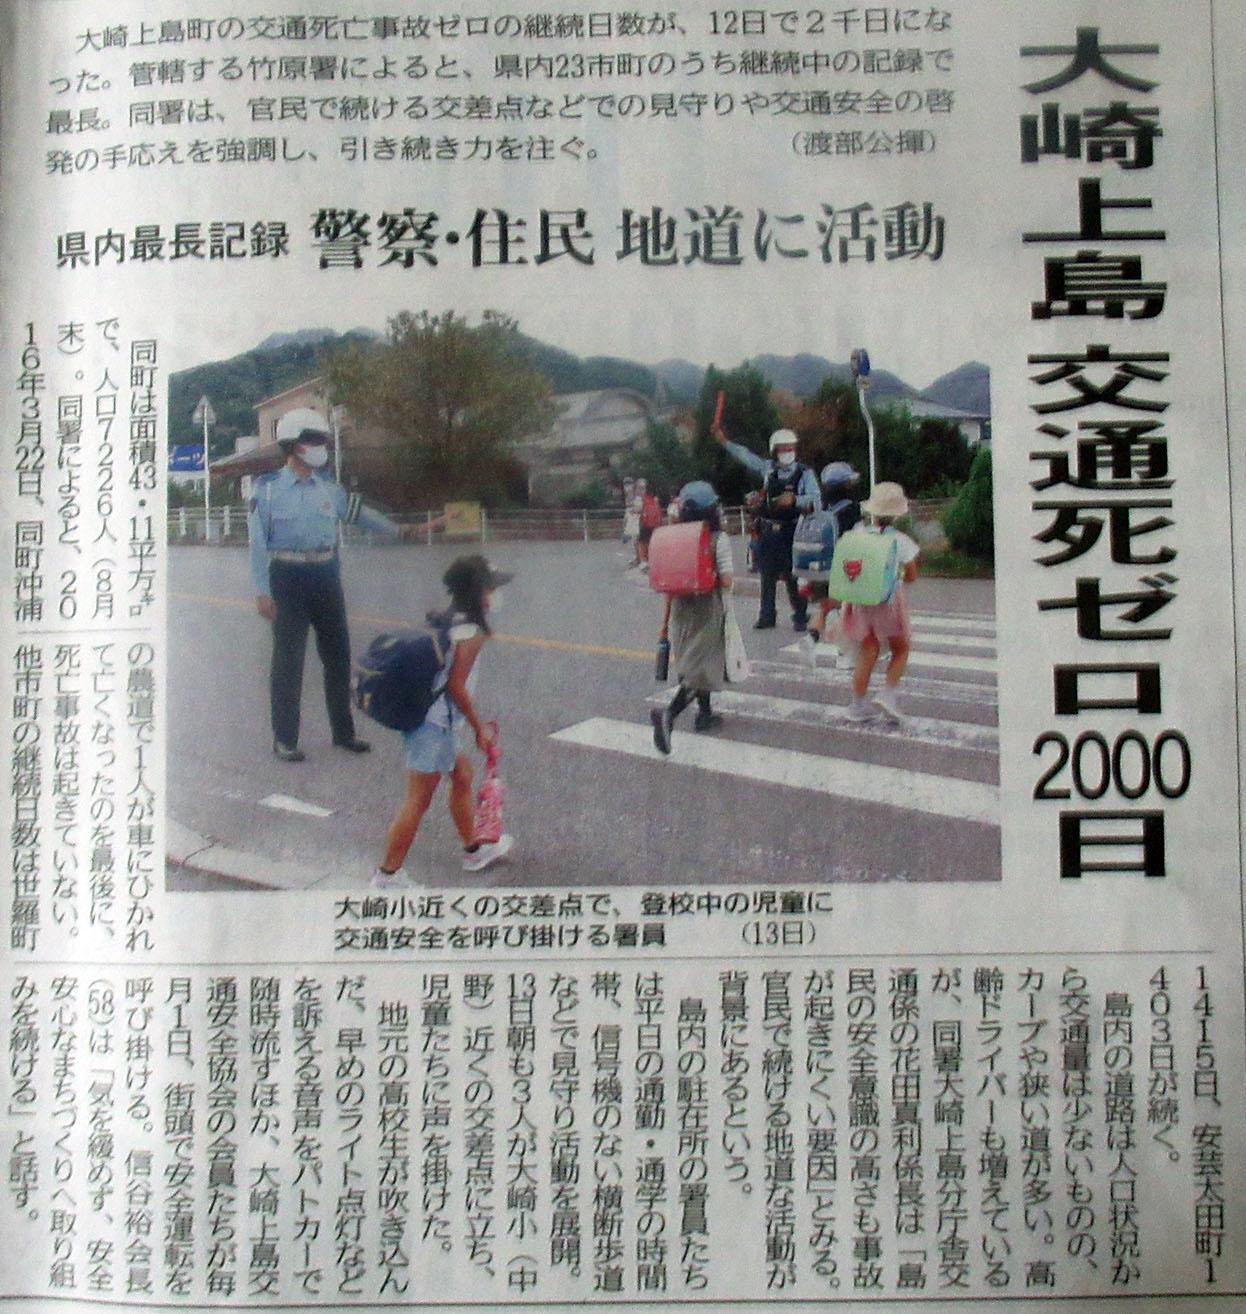 大崎上島・交通死ゼロ2000日・中国新聞2021年9月14日